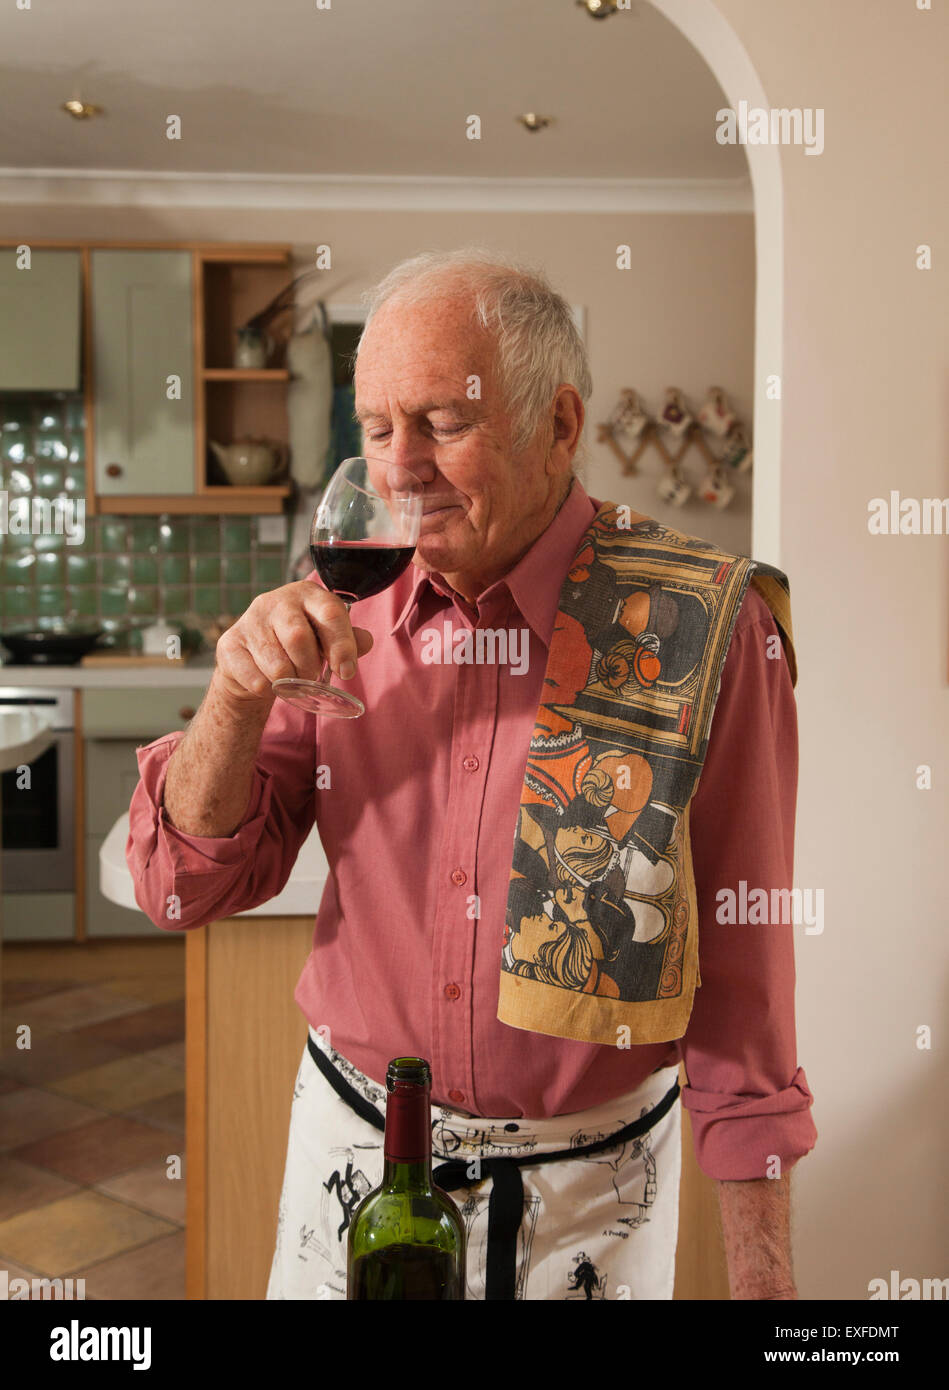 Dégustation de vin rouge homme senior Banque D'Images